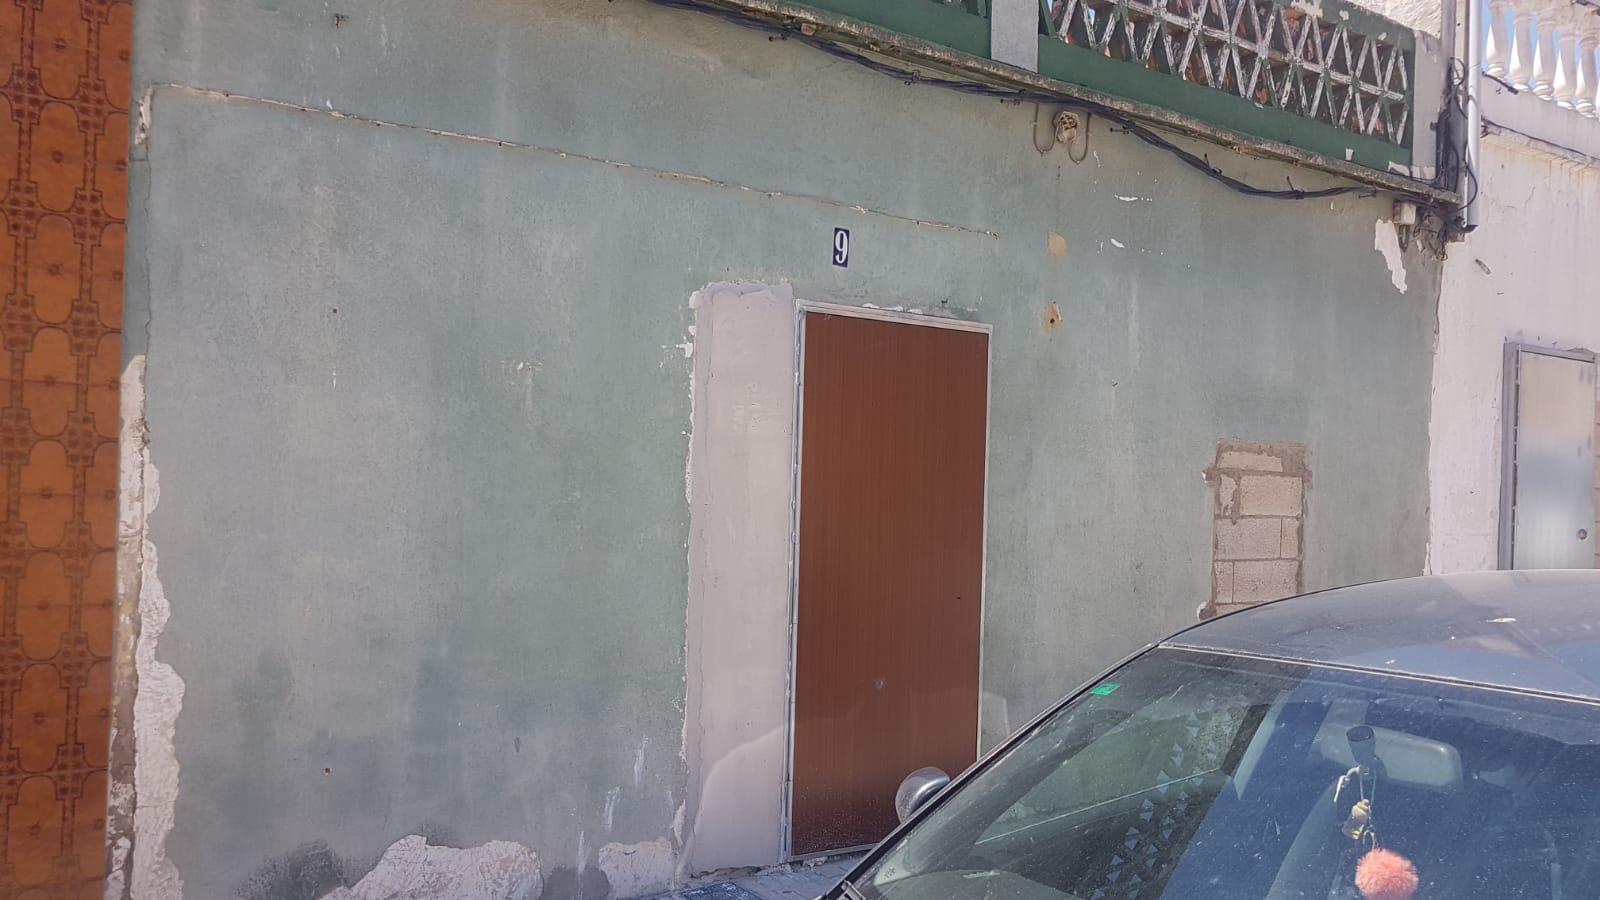 Piso en venta en Alzira, Valencia, Calle Juan de Garay, 48.000 €, 3 habitaciones, 2 baños, 130 m2